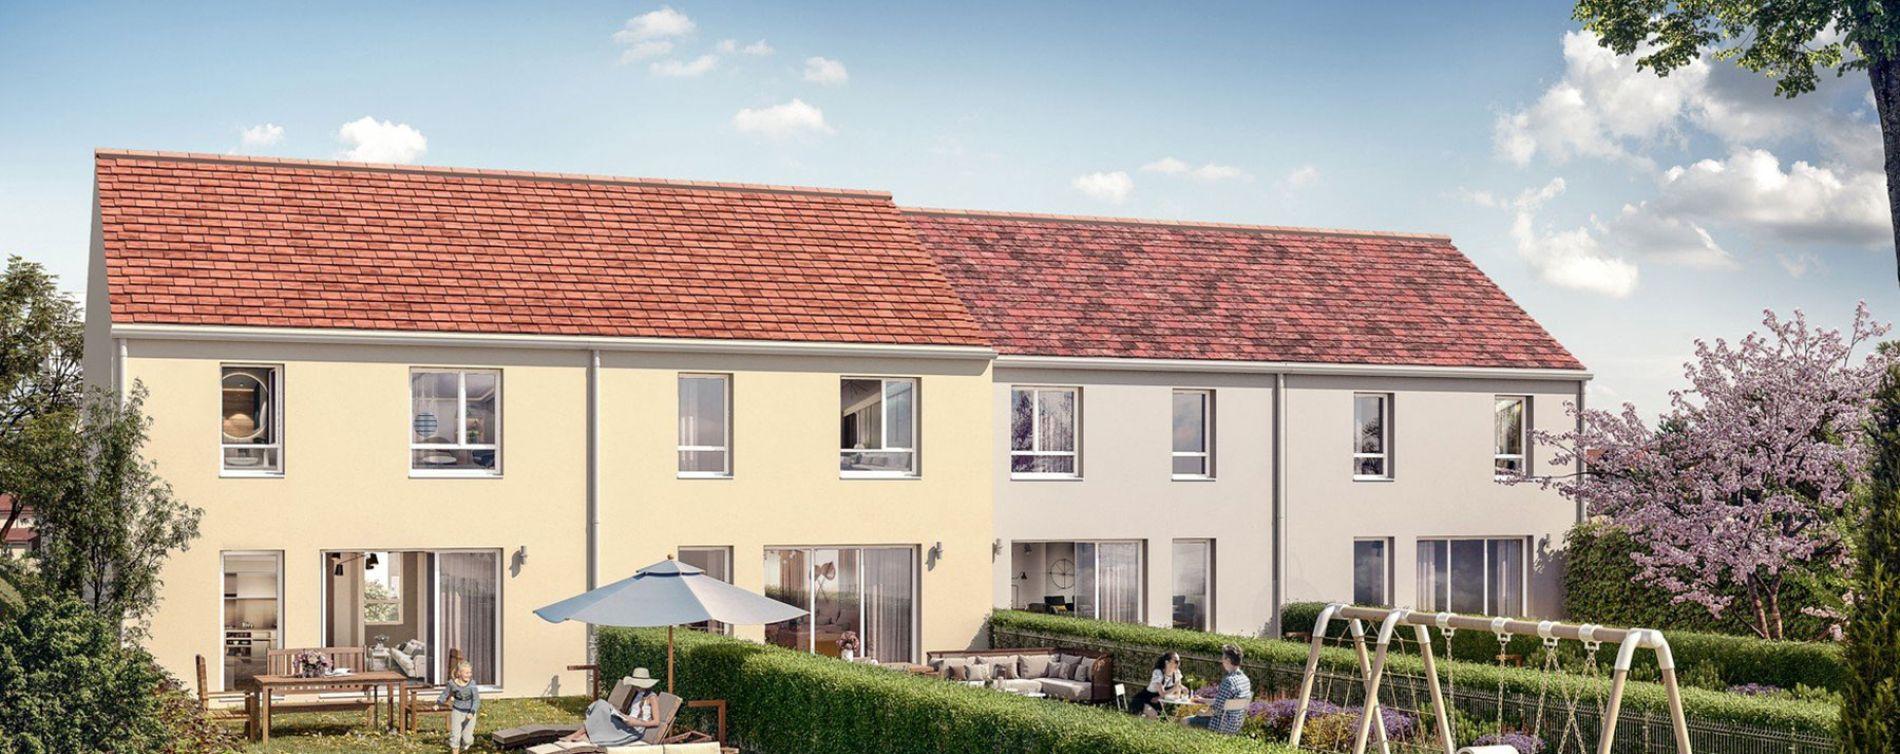 Boissise-le-Roi : programme immobilier neuve « Les Villas d'Orgenoy » en Loi Pinel